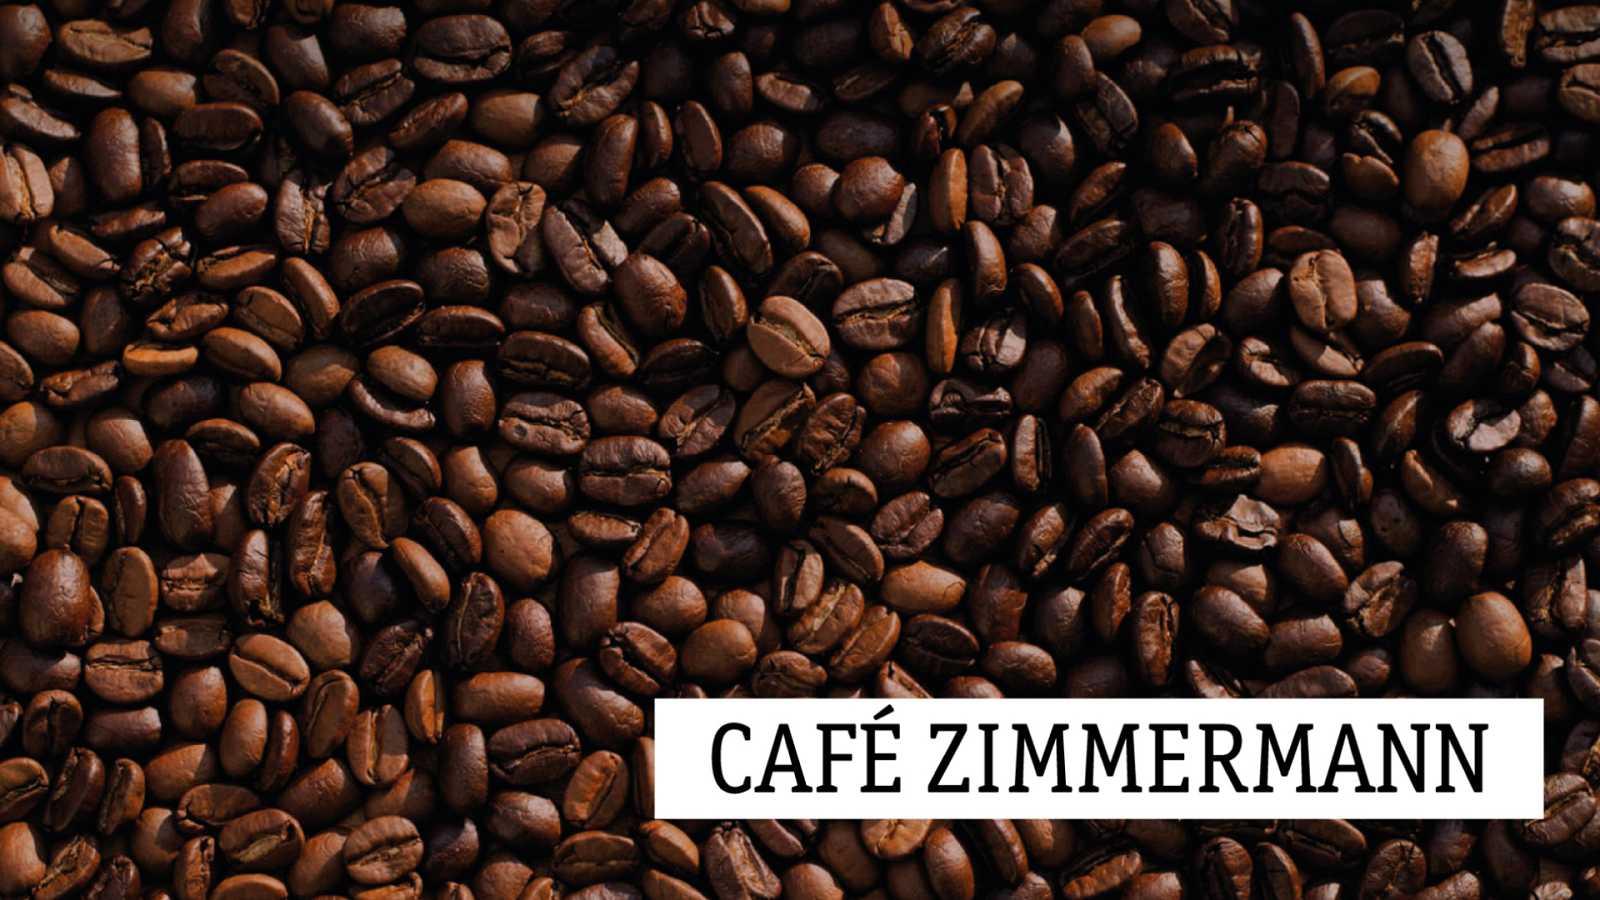 Café Zimmermann - El pez soñador - 27/04/21 - escuchar ahora